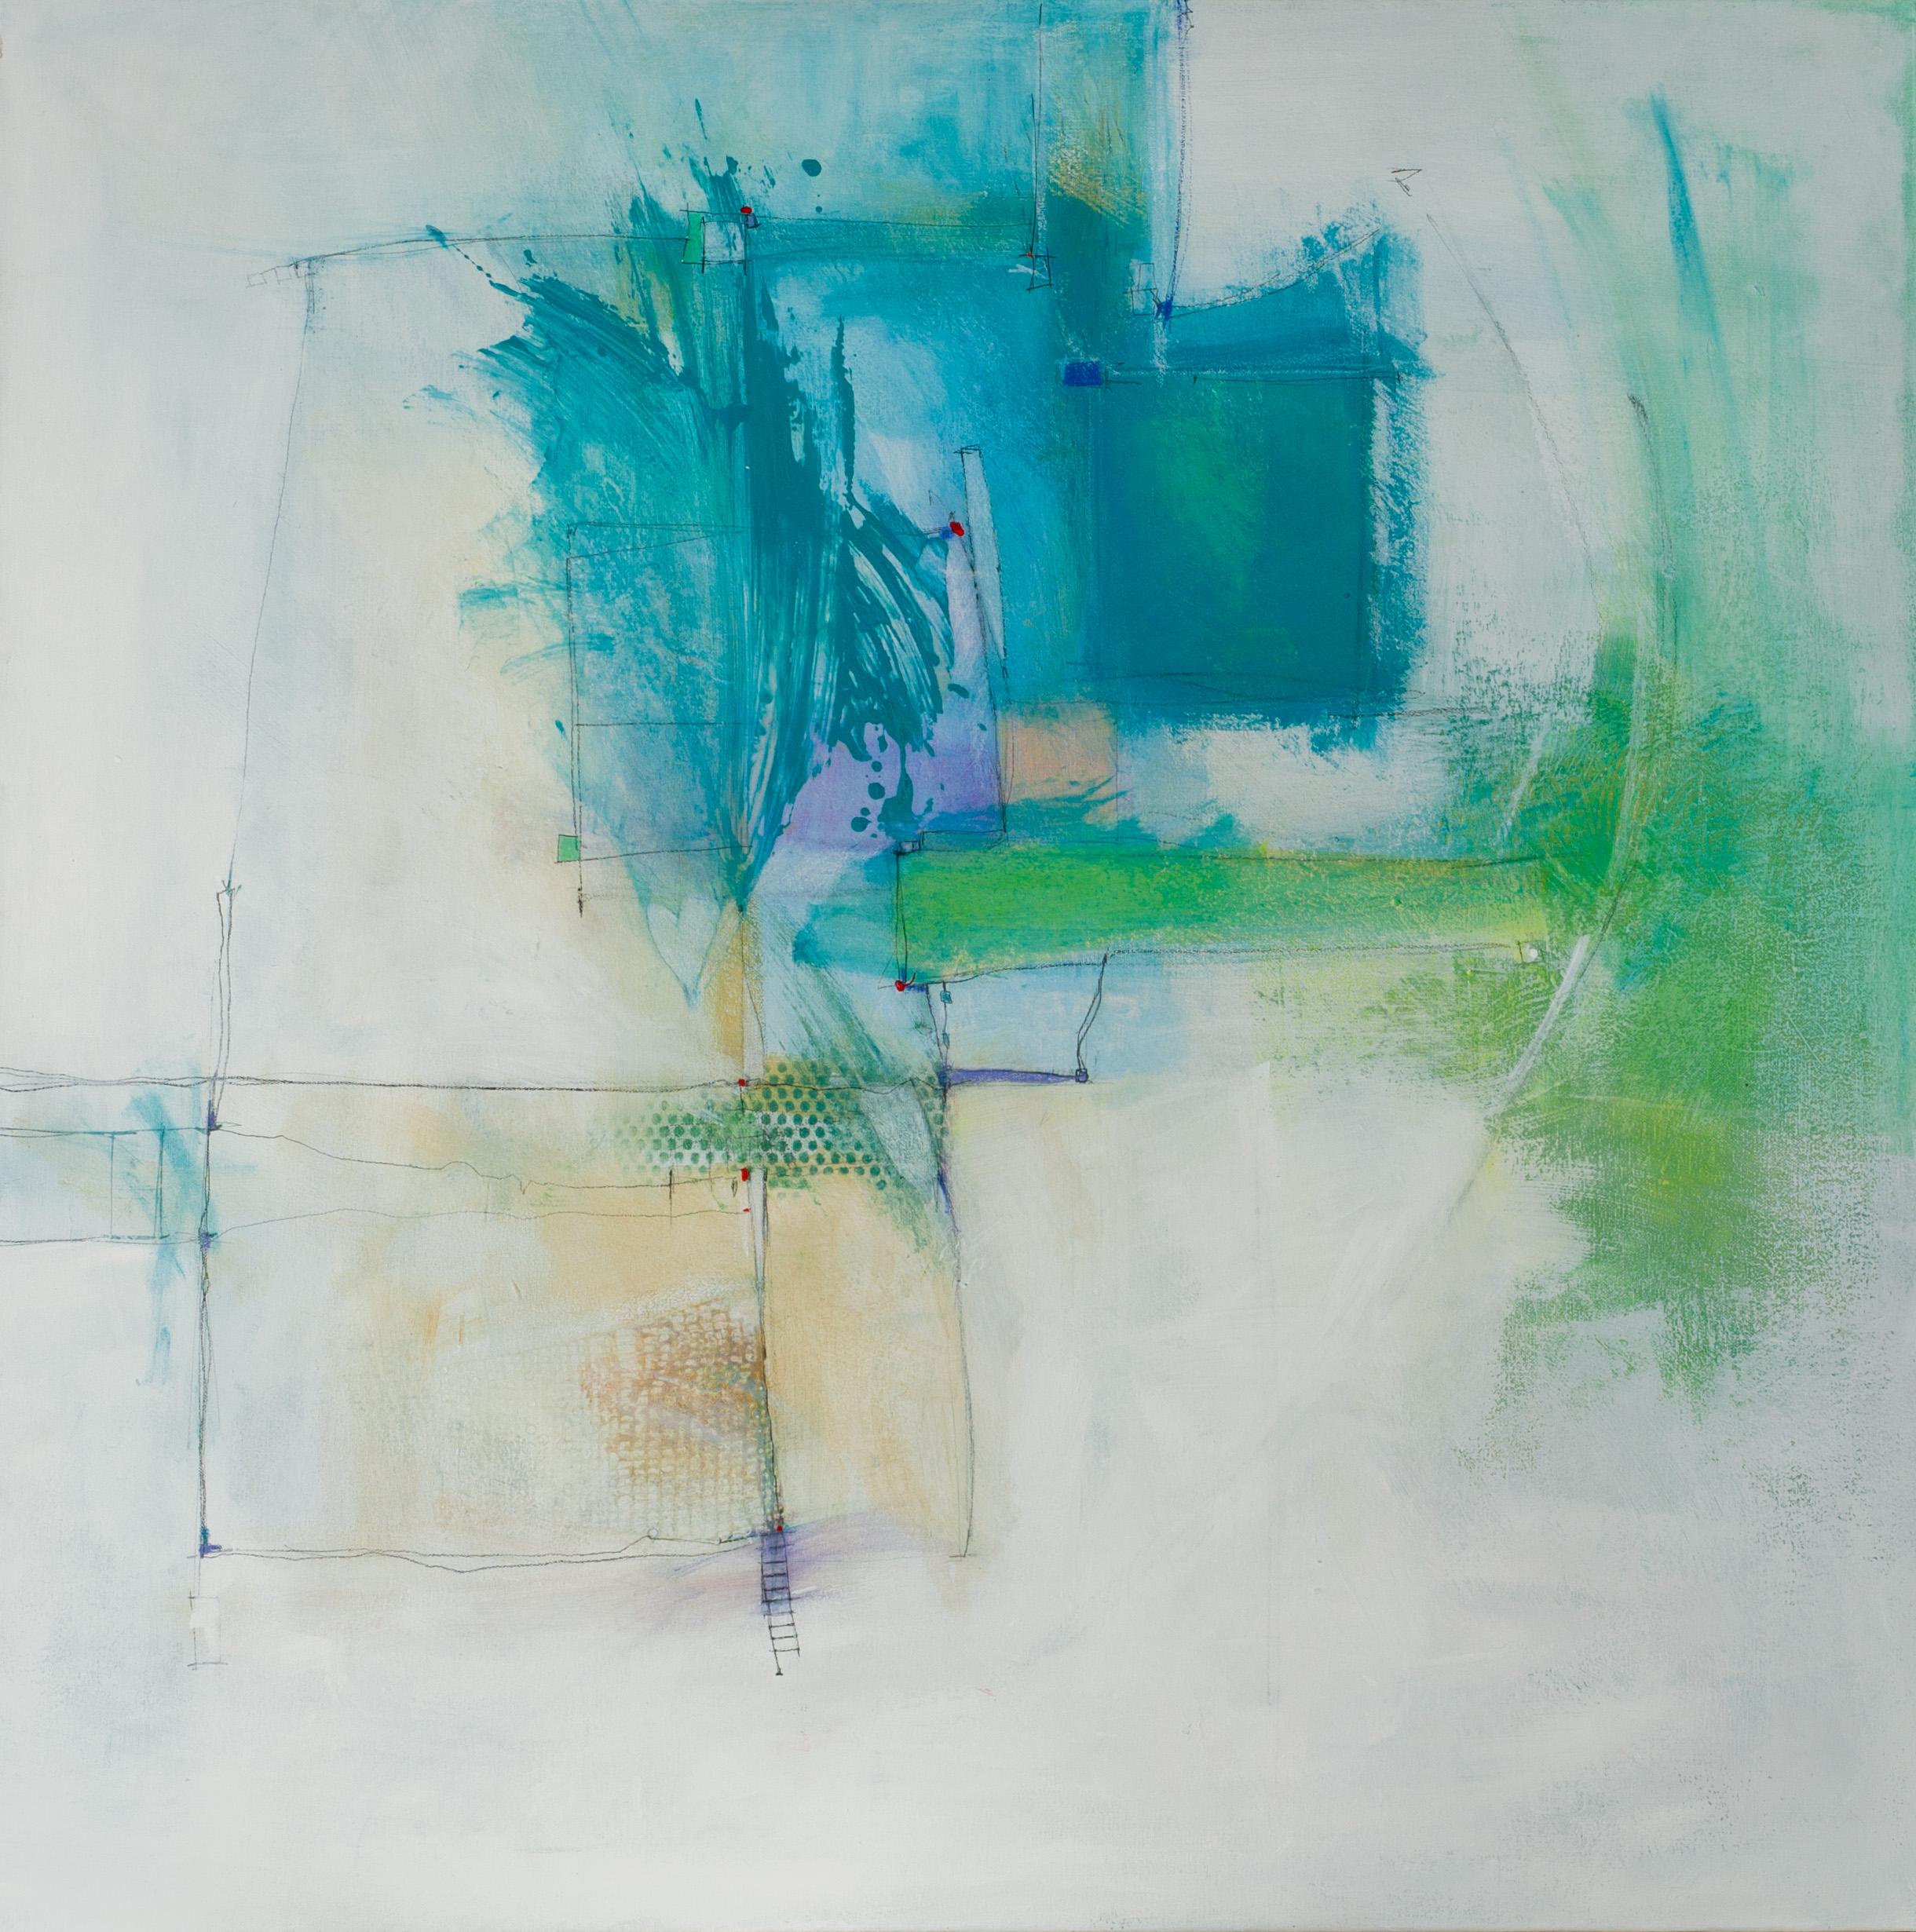 2019-04-14-Paintings-1.jpg